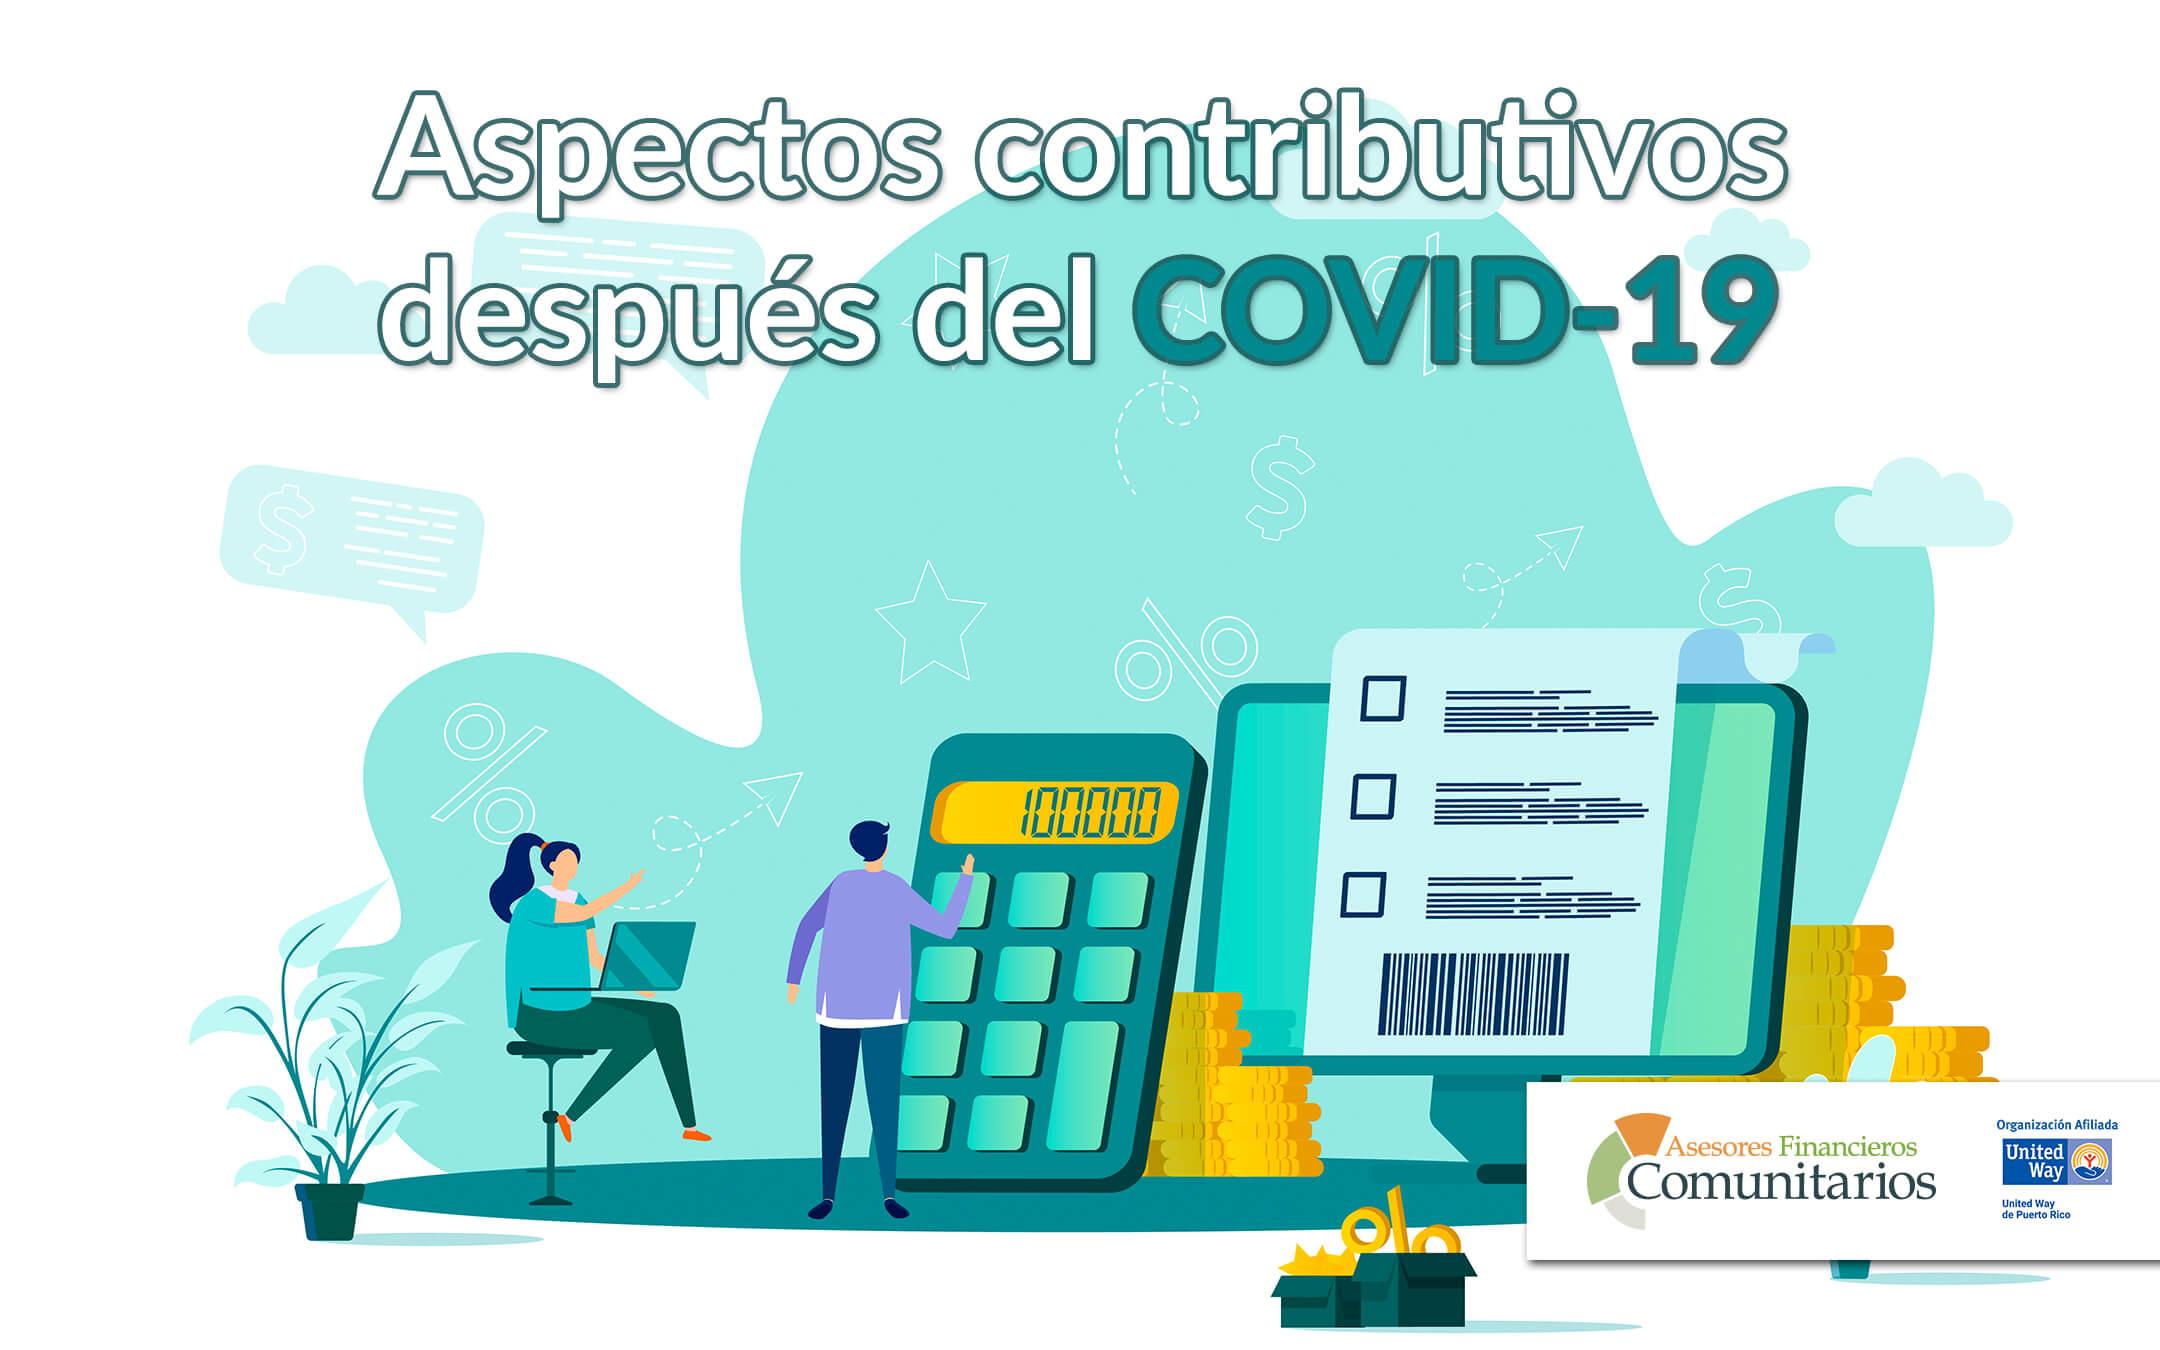 Aspectos contributivos después del COVID-19